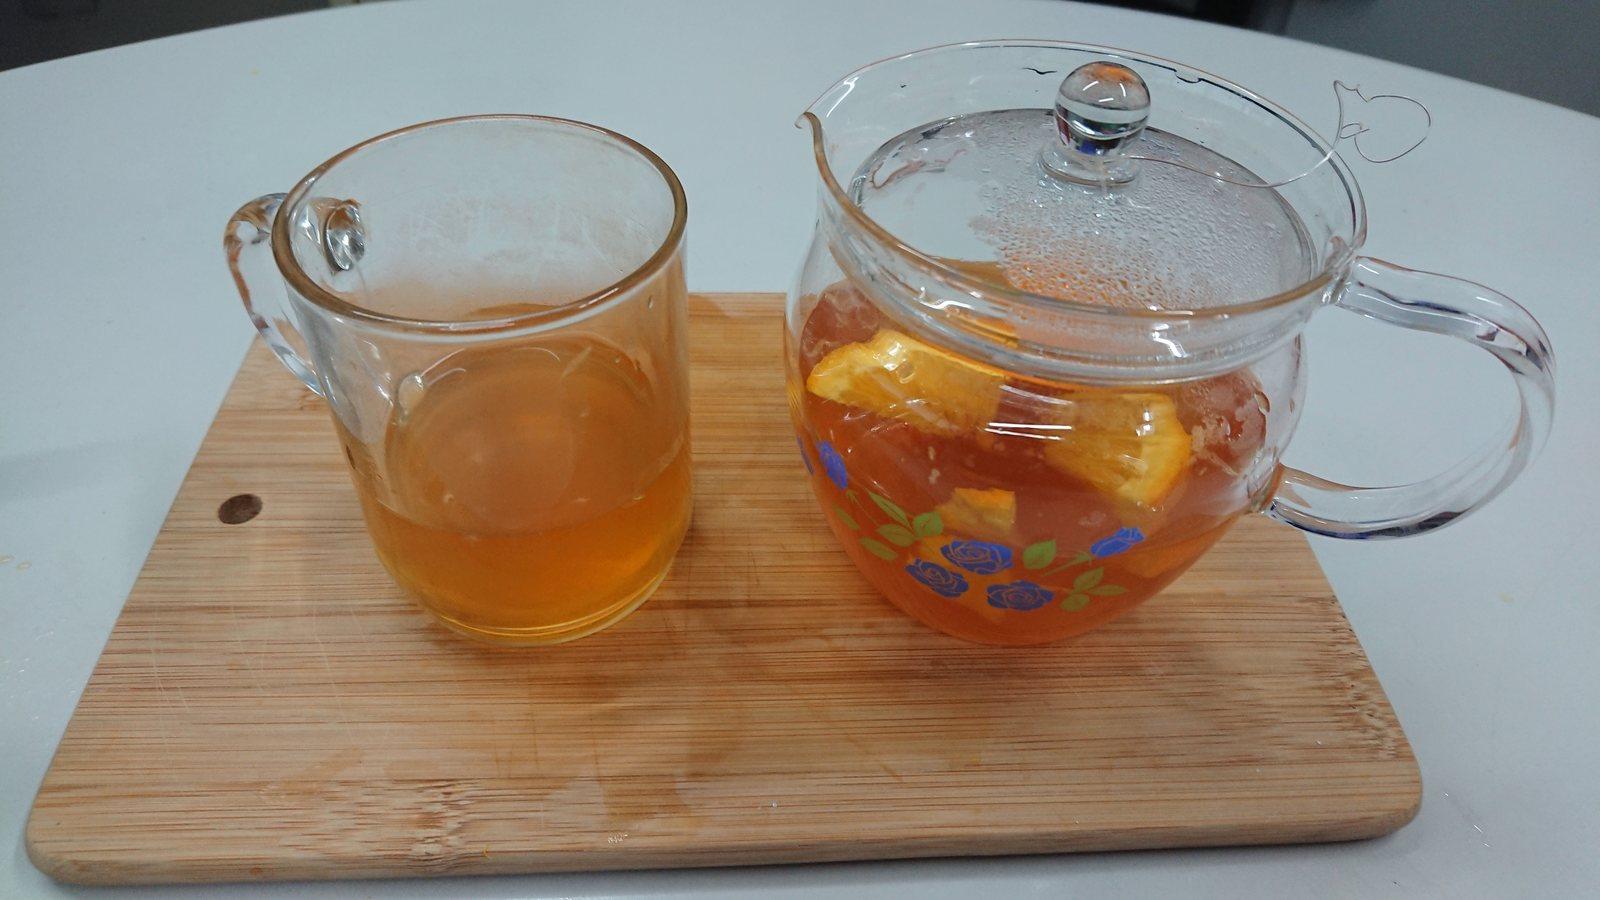 鮮橙紅茶?☕